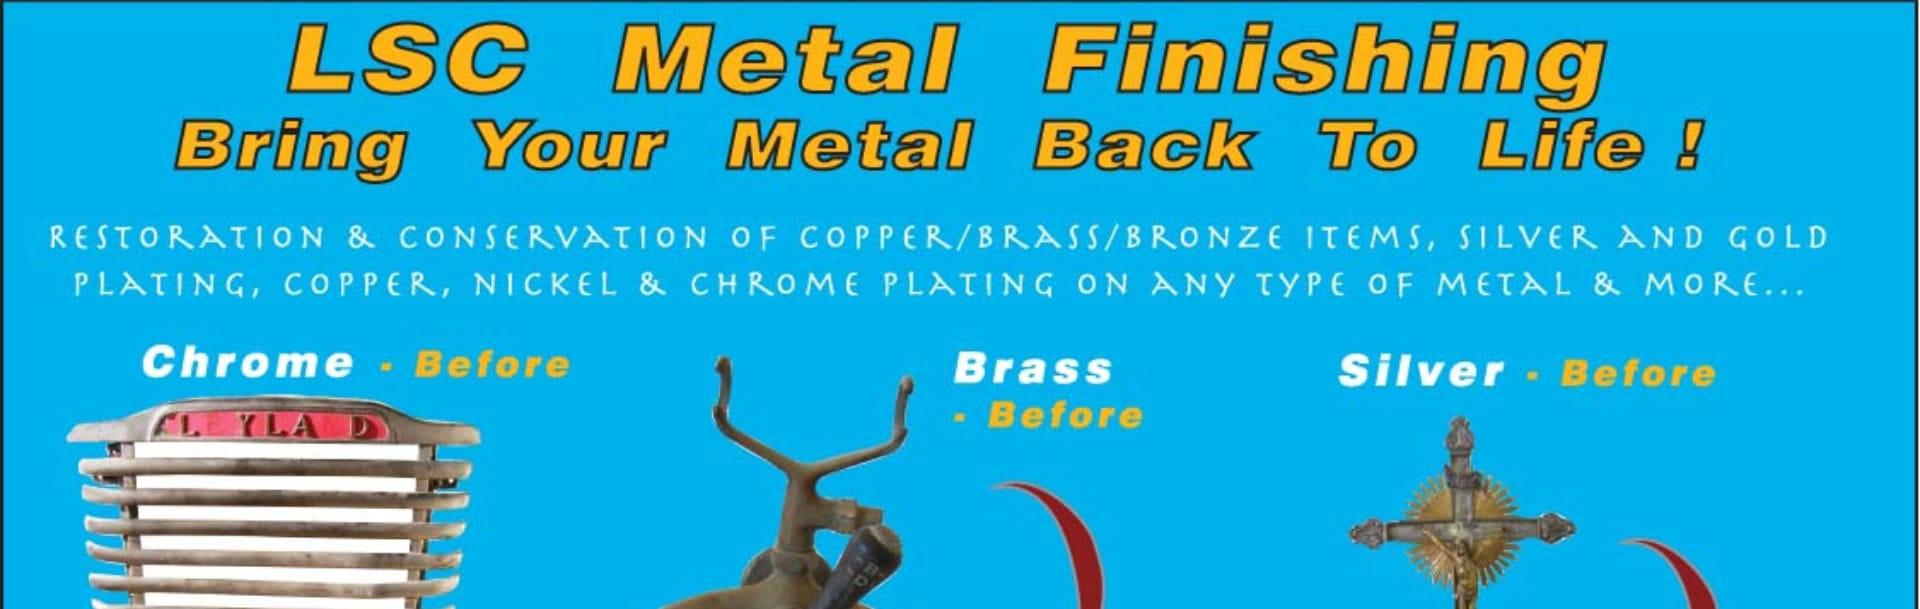 LSC Metal Finishing - Chrome Plating & Metal Finishing in